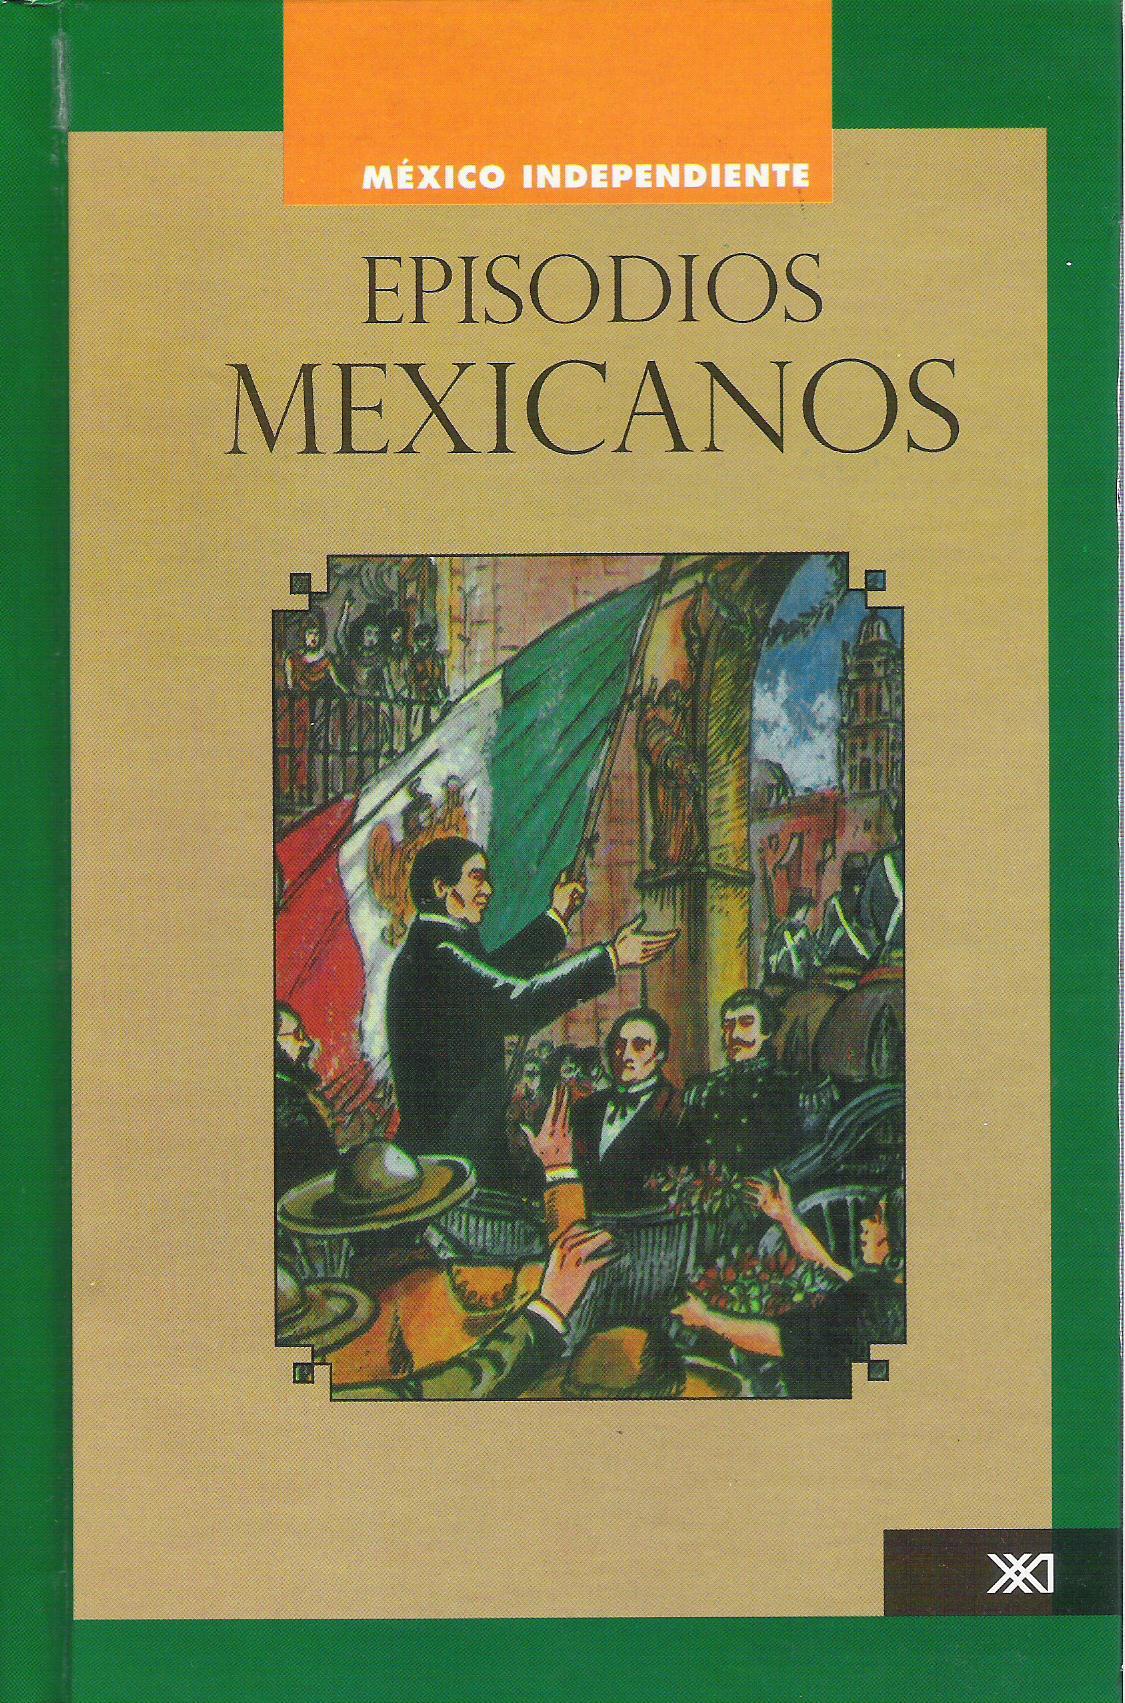 Episodios mexicanos Vol. 2 M'xico independiente